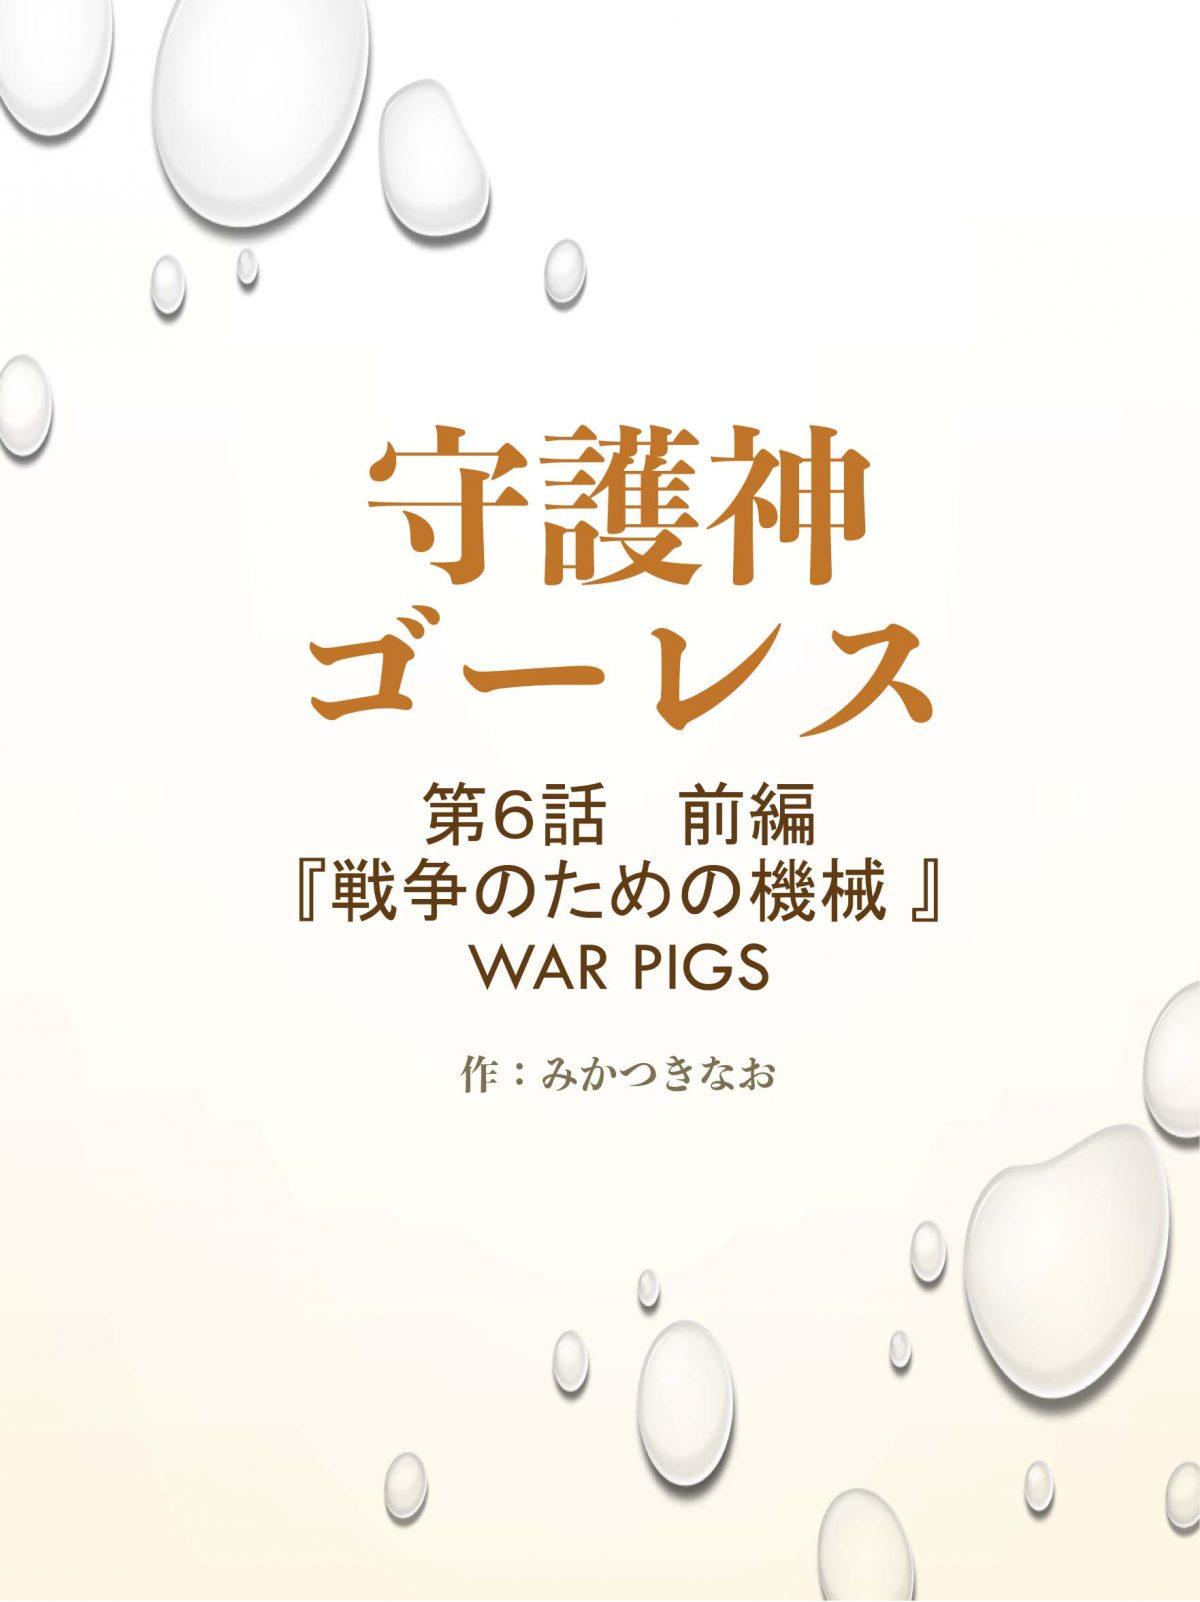 守護神ゴーレス  第6話 前編 『戦争のための機械』 War pigs